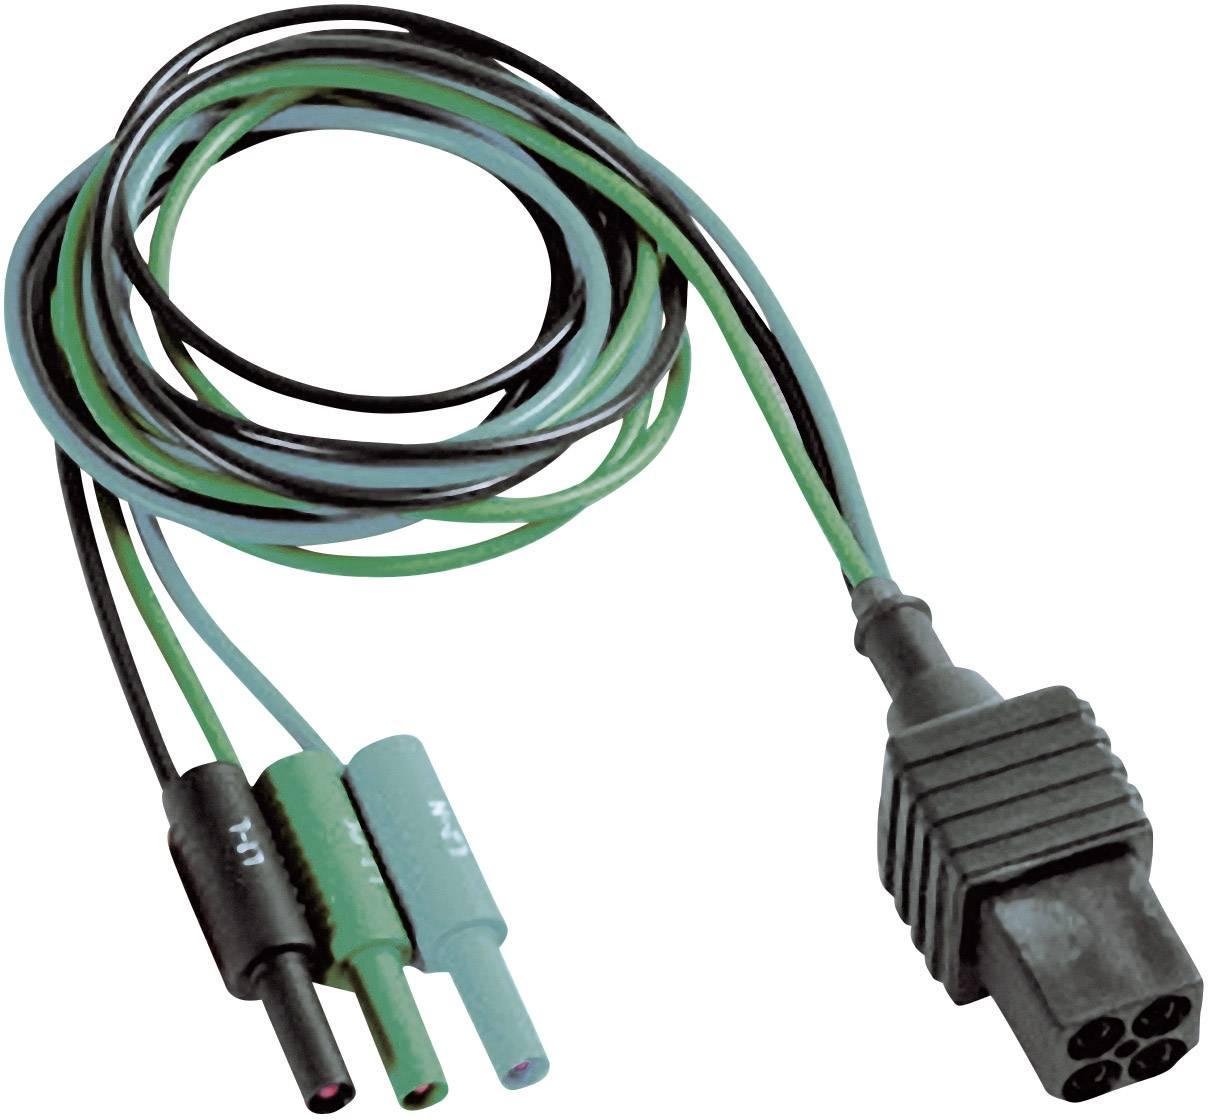 Univerzální zkušební kabel A 1011 Metrel 20991557 vhodný pro testery řady MI 3100